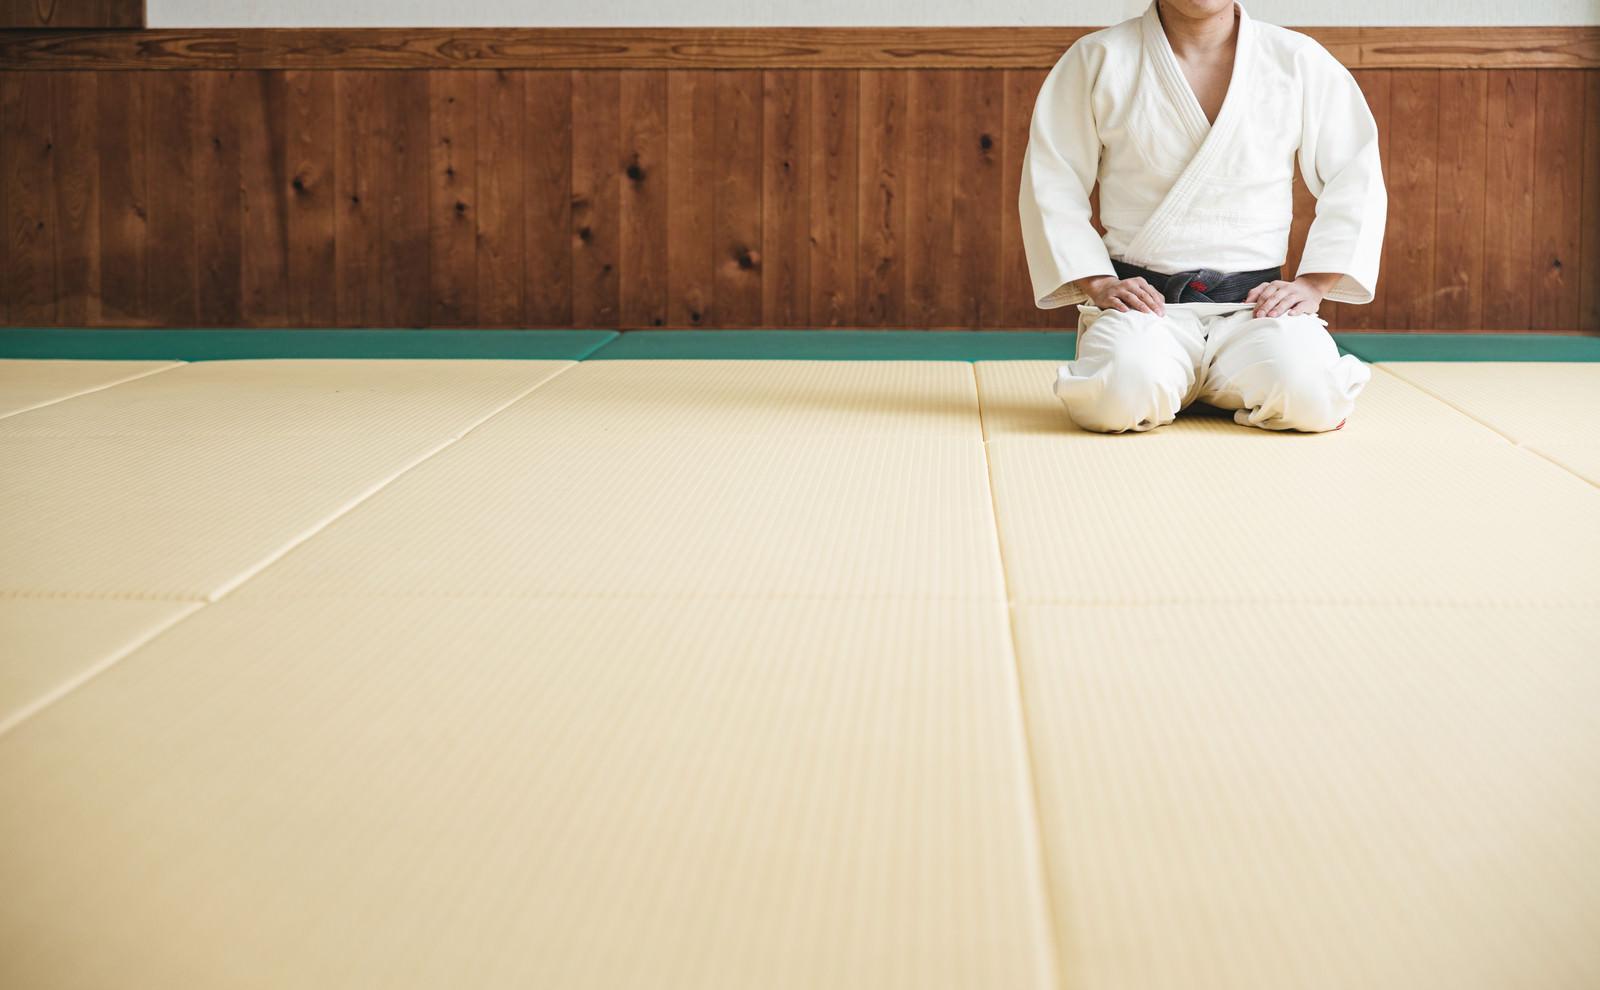 「柔道場で静かに正座する選手」の写真[モデル:大川竜弥]